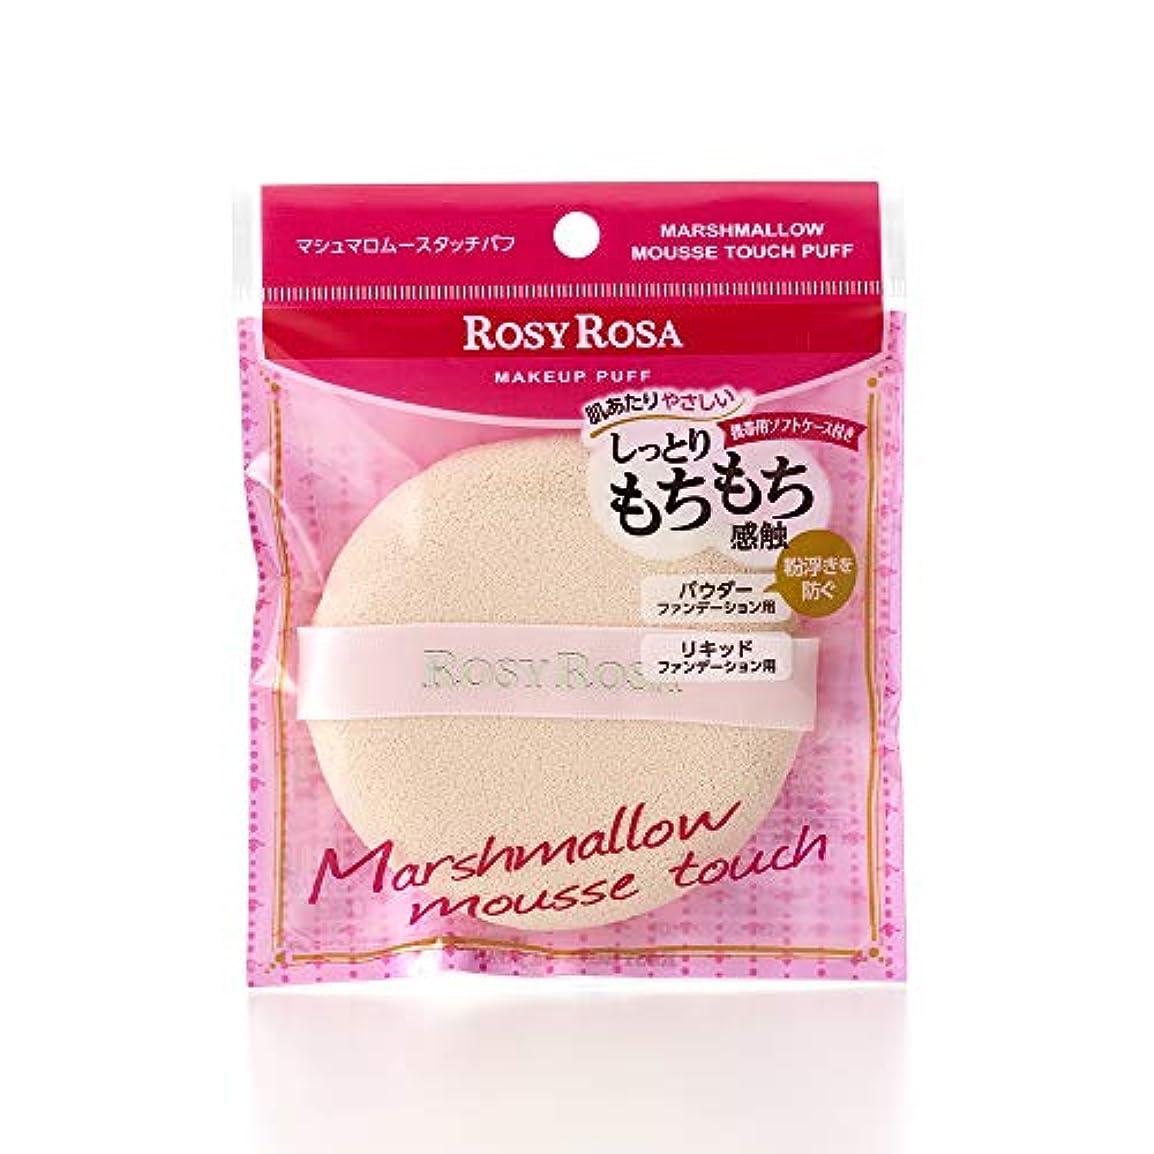 唇暴力的ななめるロージーローザ マシュマロムースタッチパフ 1個入り(携帯用ソフトケース付き)